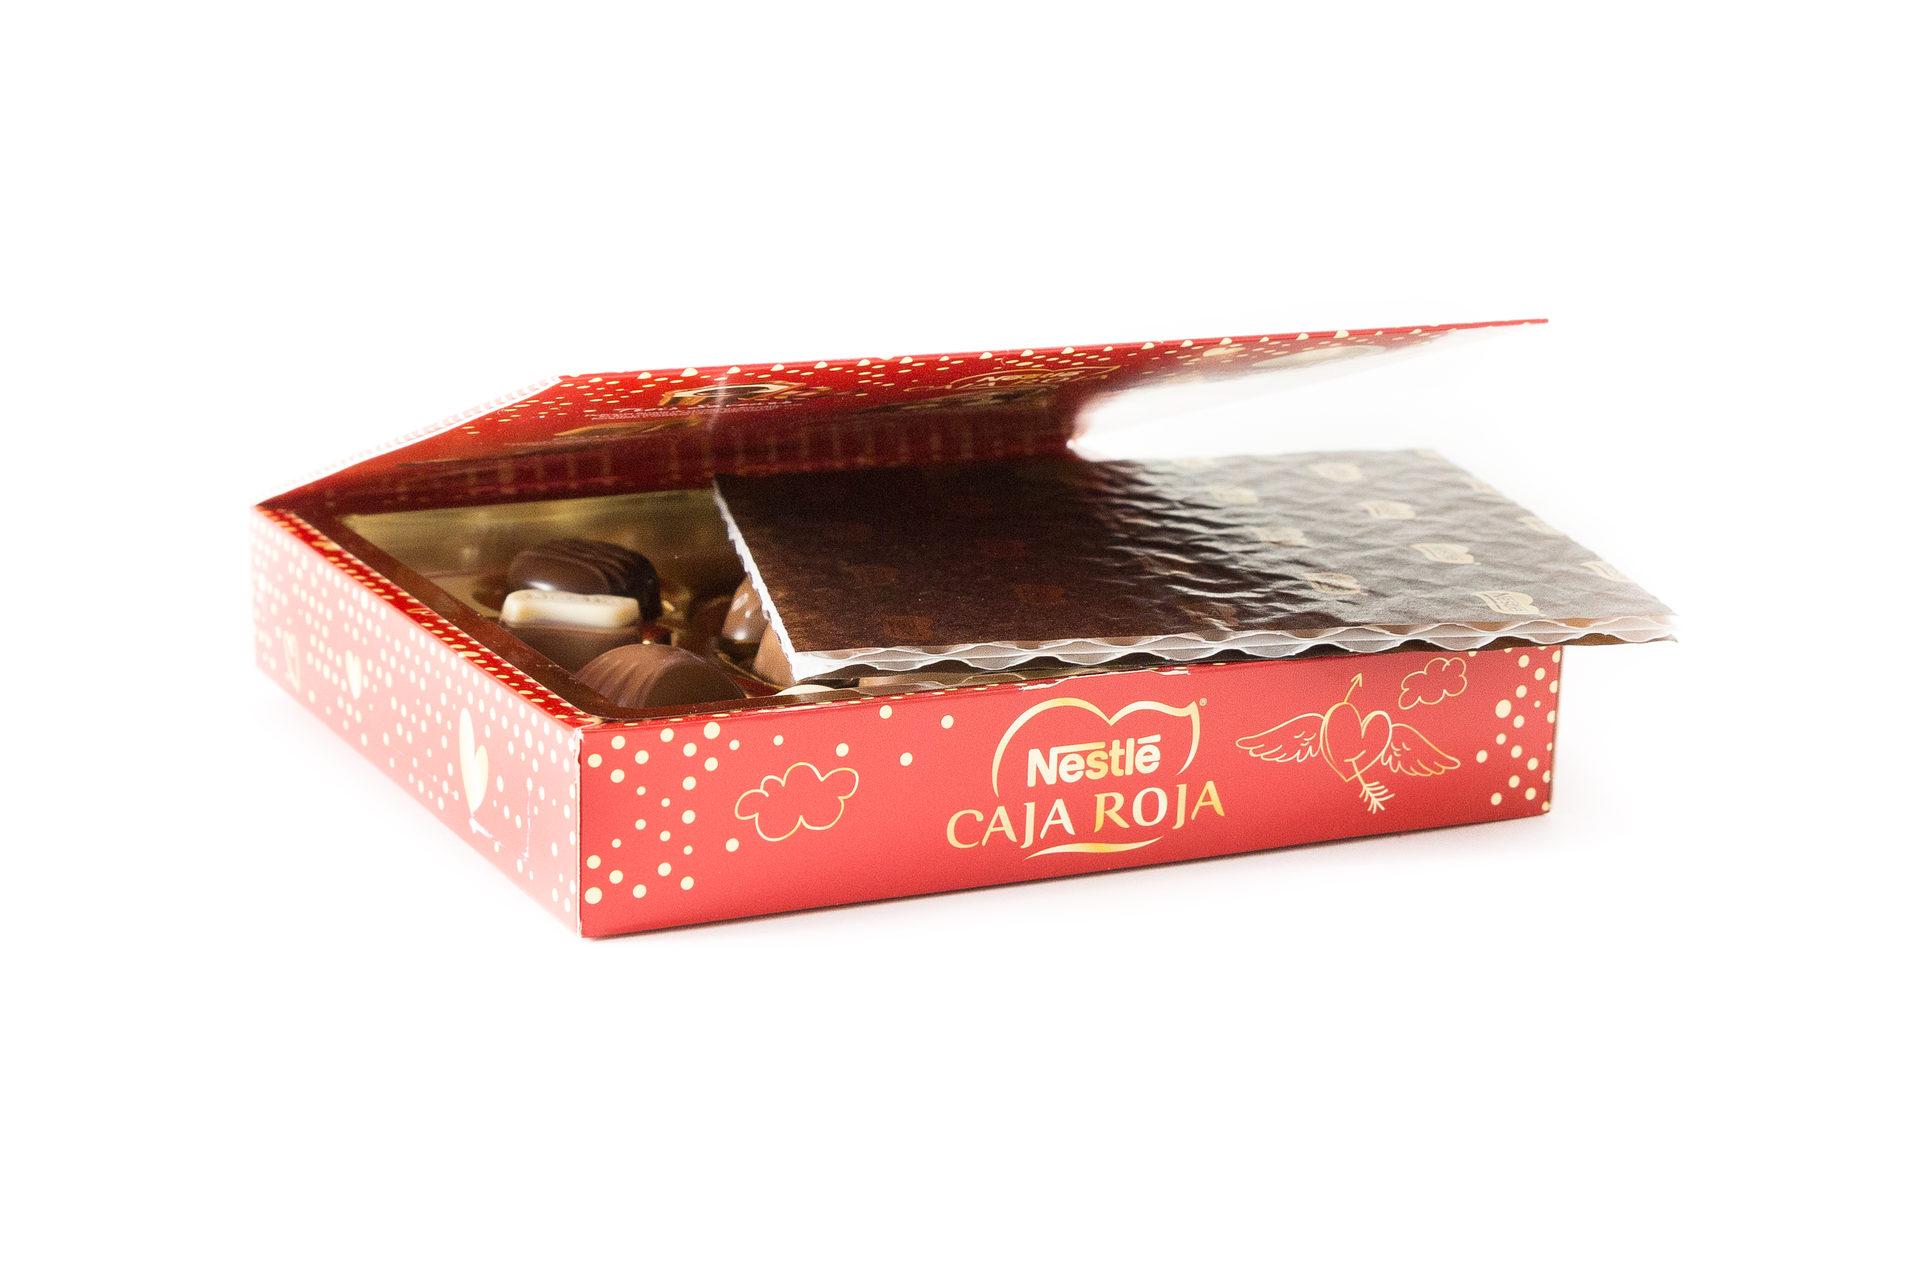 Nestlé Caja Roja